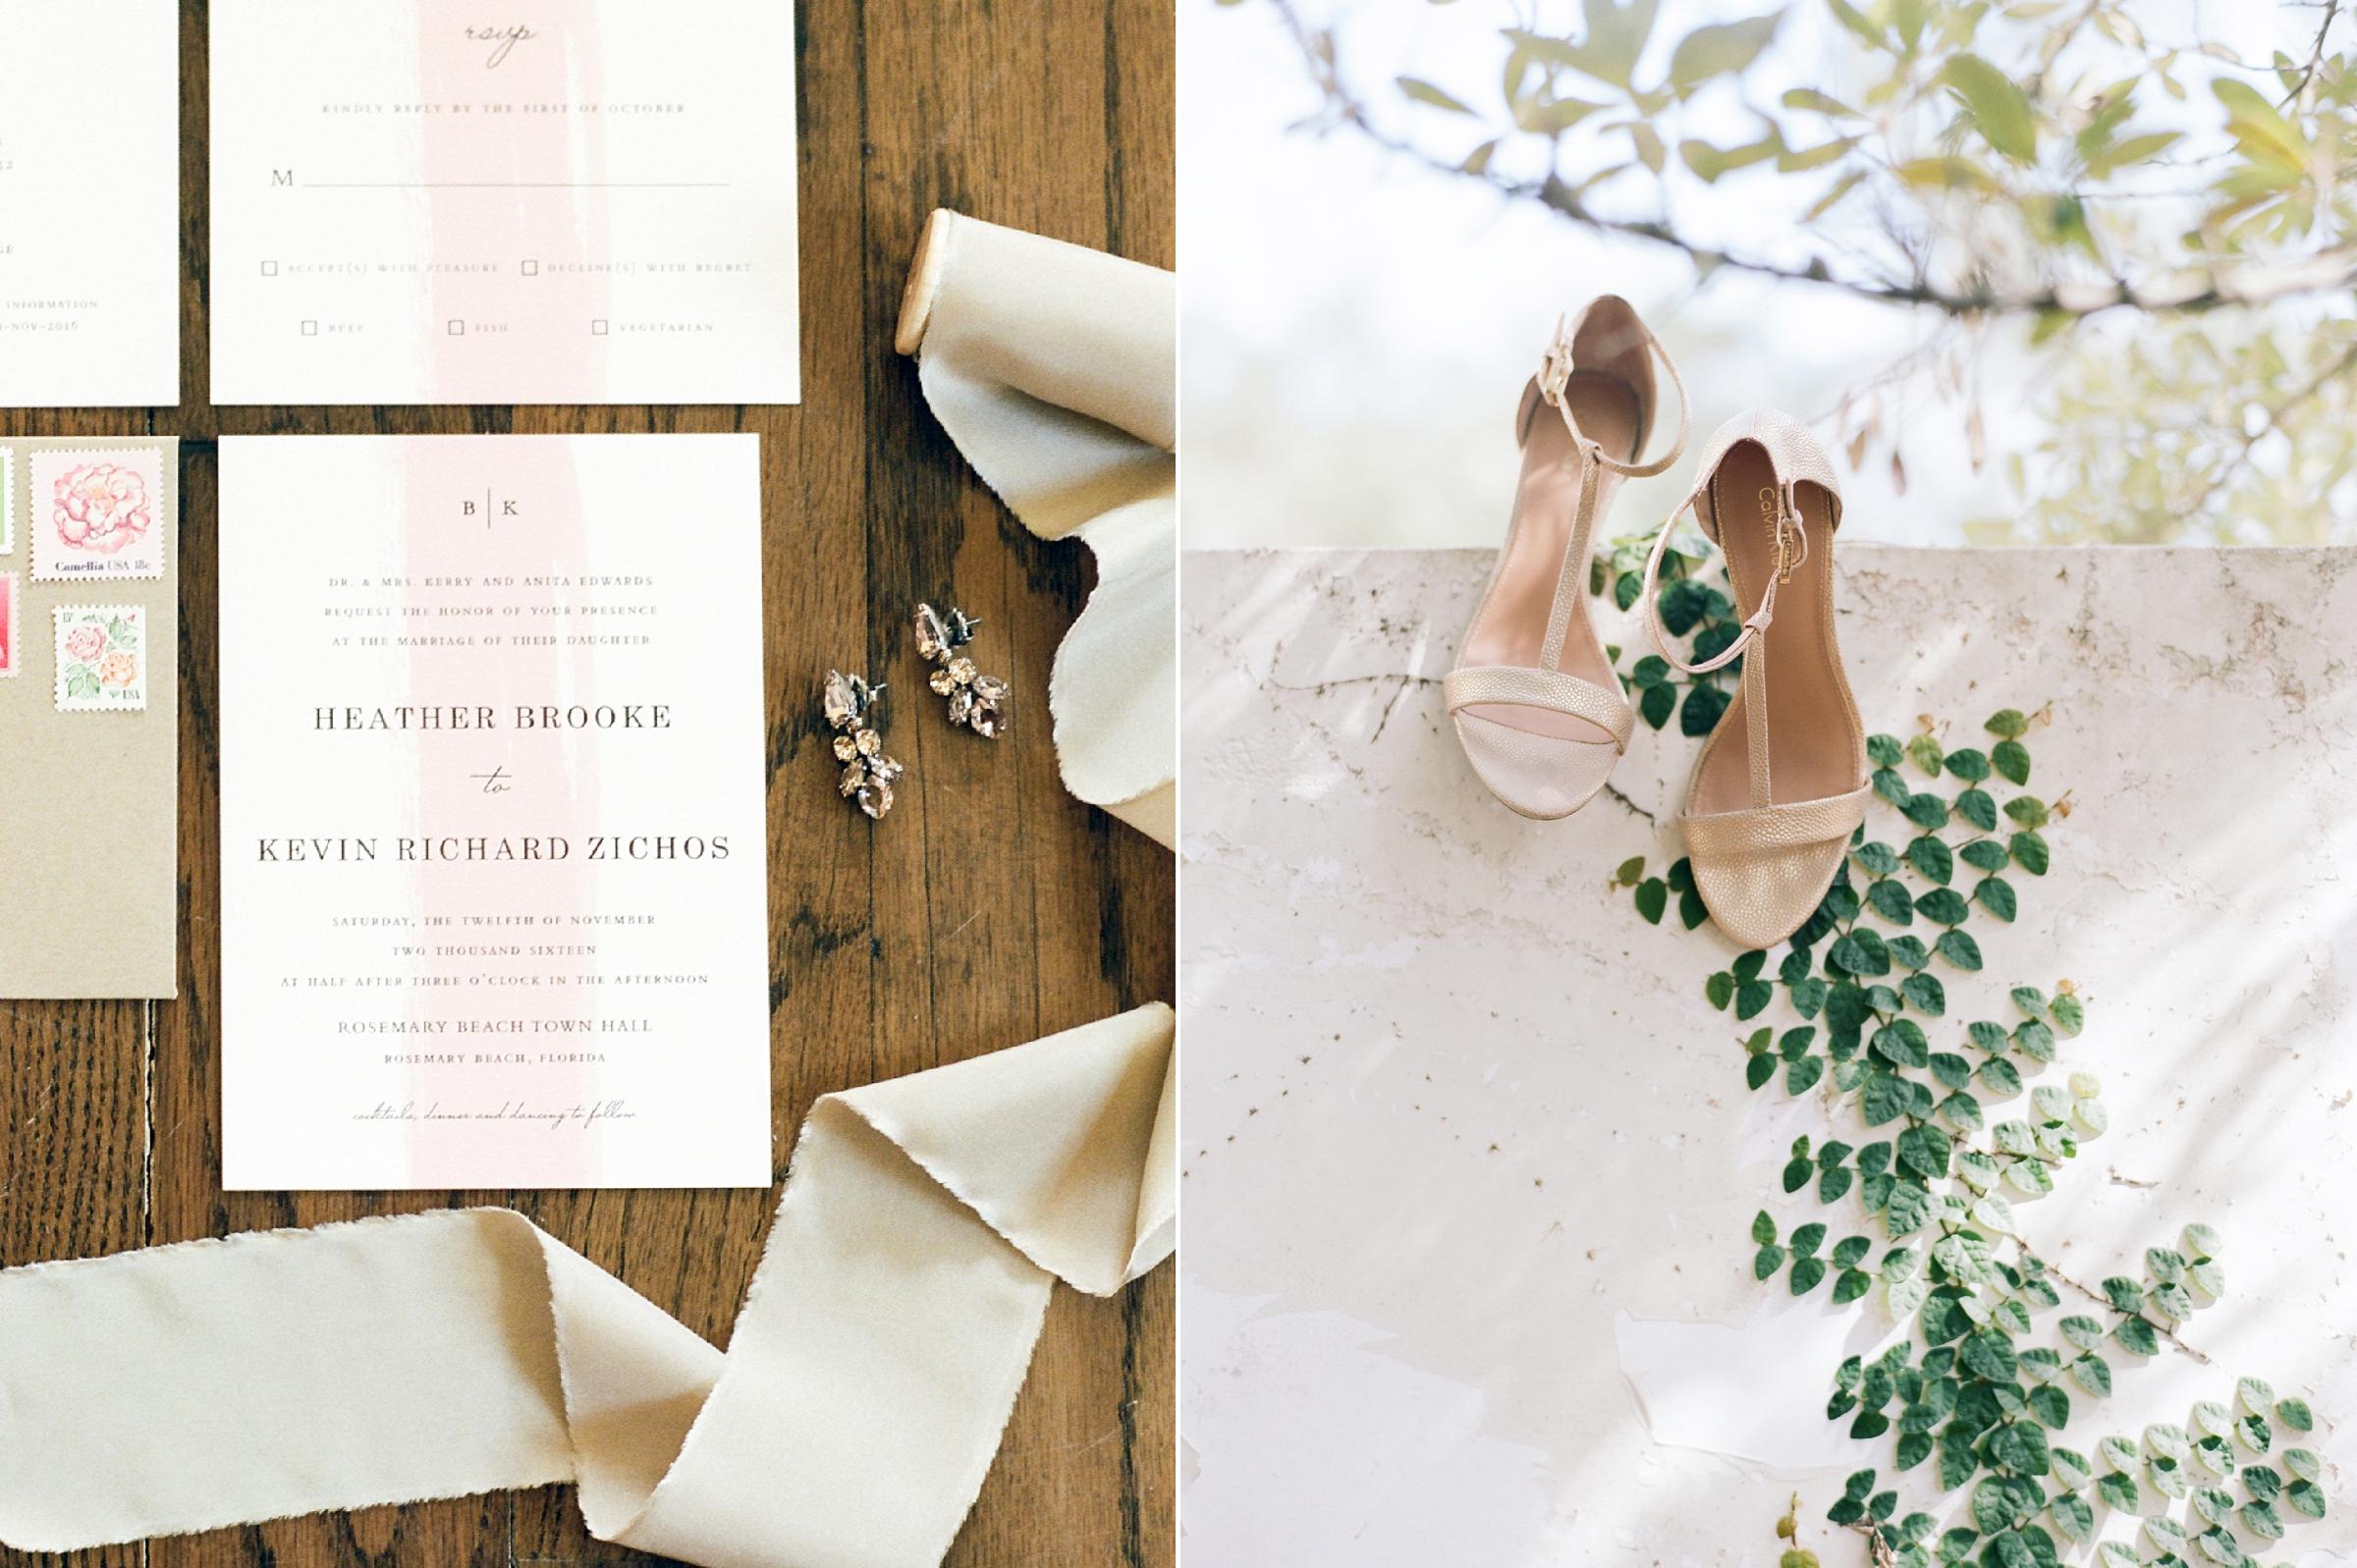 rosemary_beach_wedding_photographer_shannon_griffin_0010.jpg